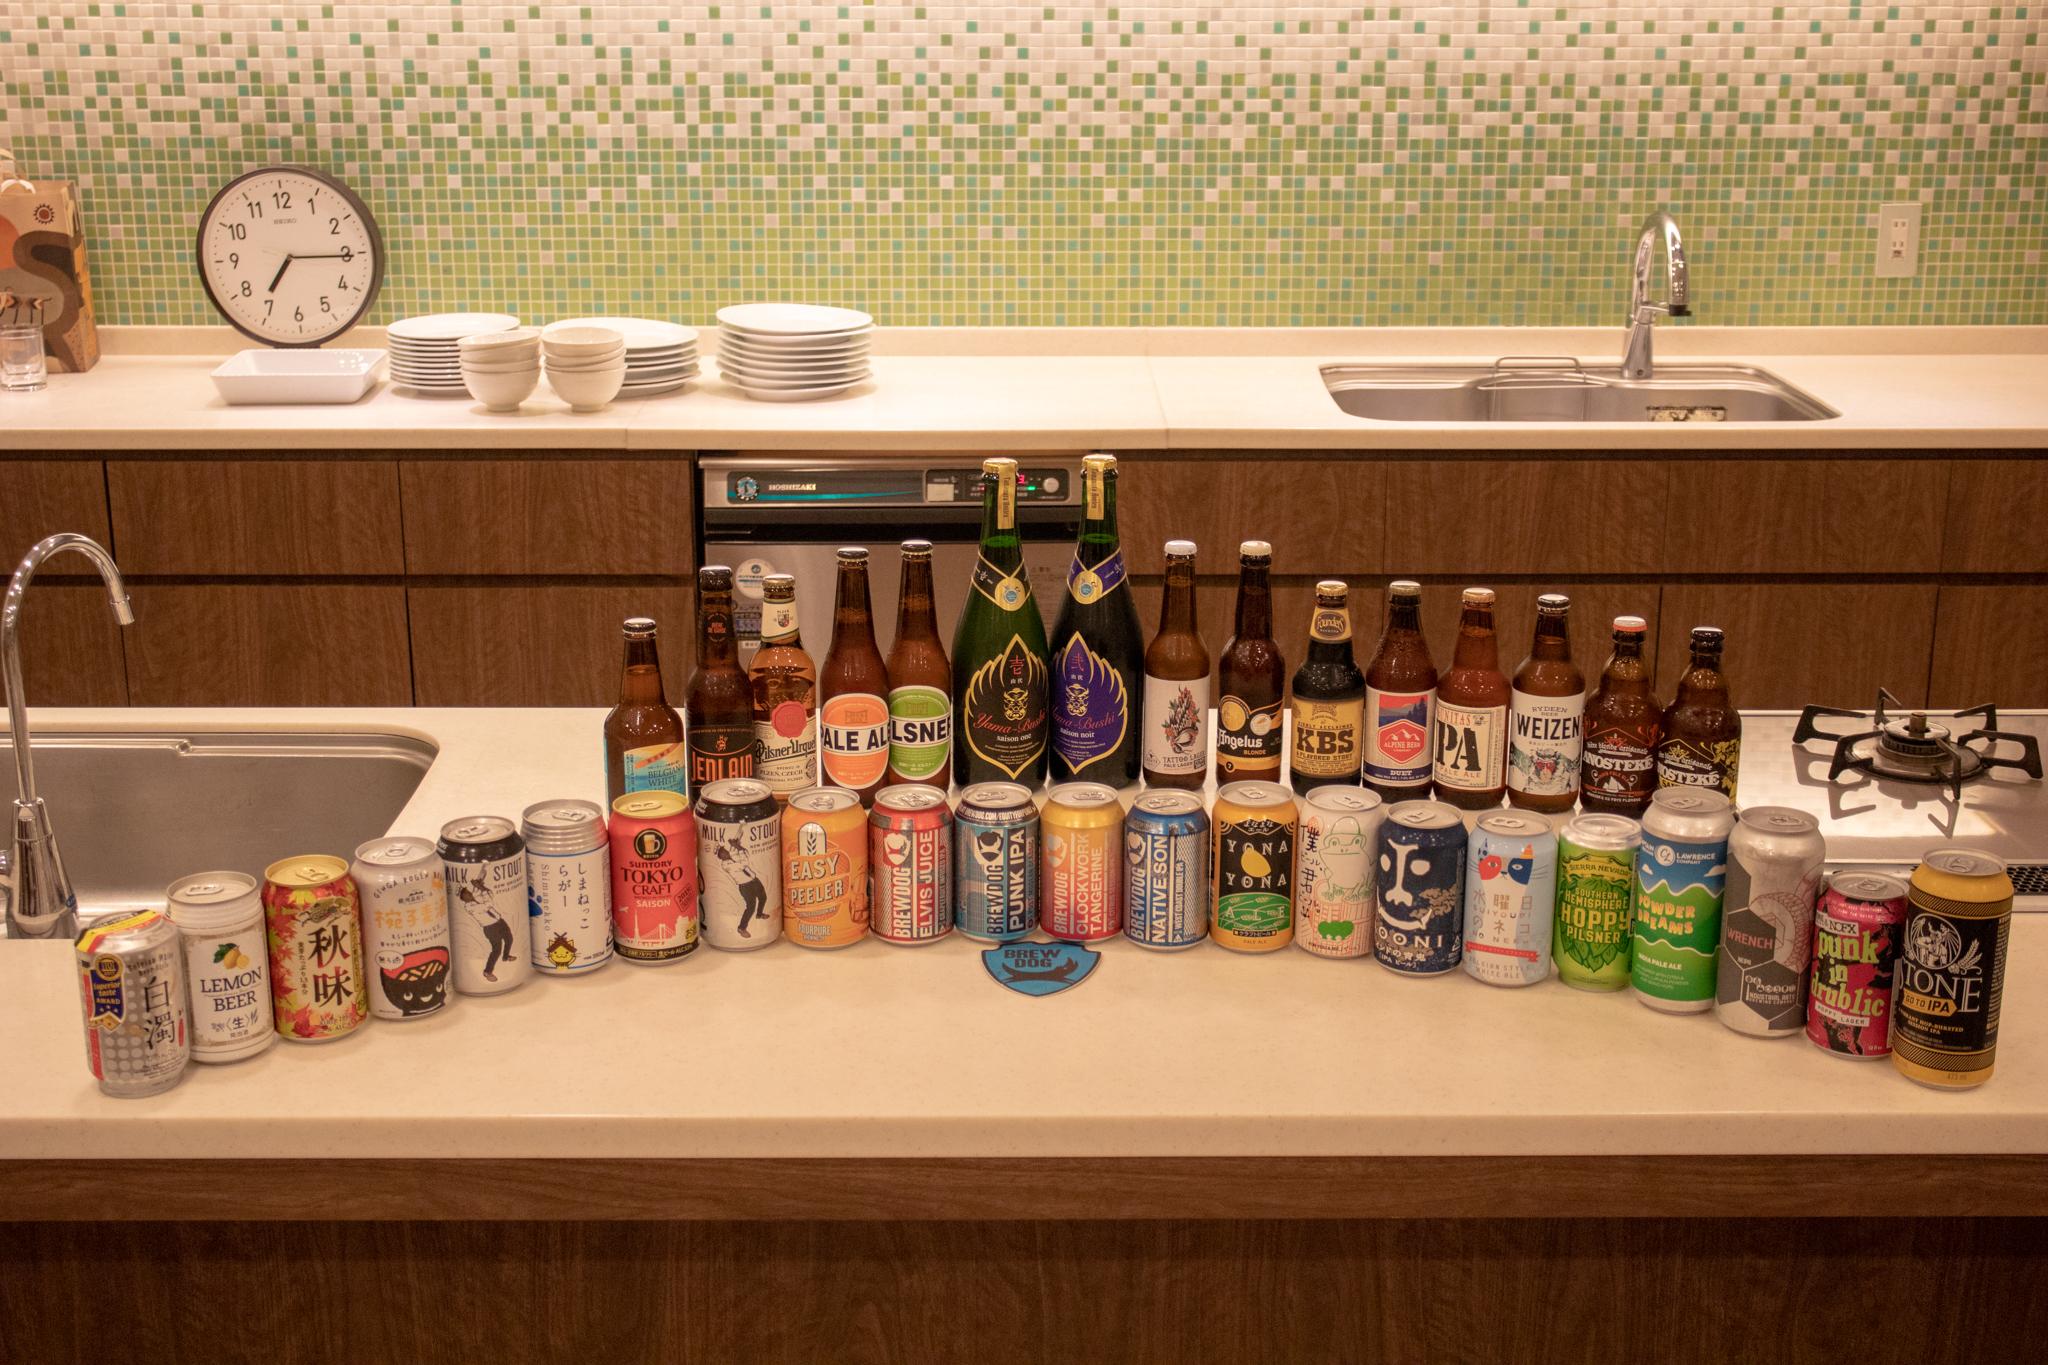 「ブロガーが○○を持ち寄って楽しく実体験レビューする会」 ビール編 を開催しました #みんなのビール #レビューズ